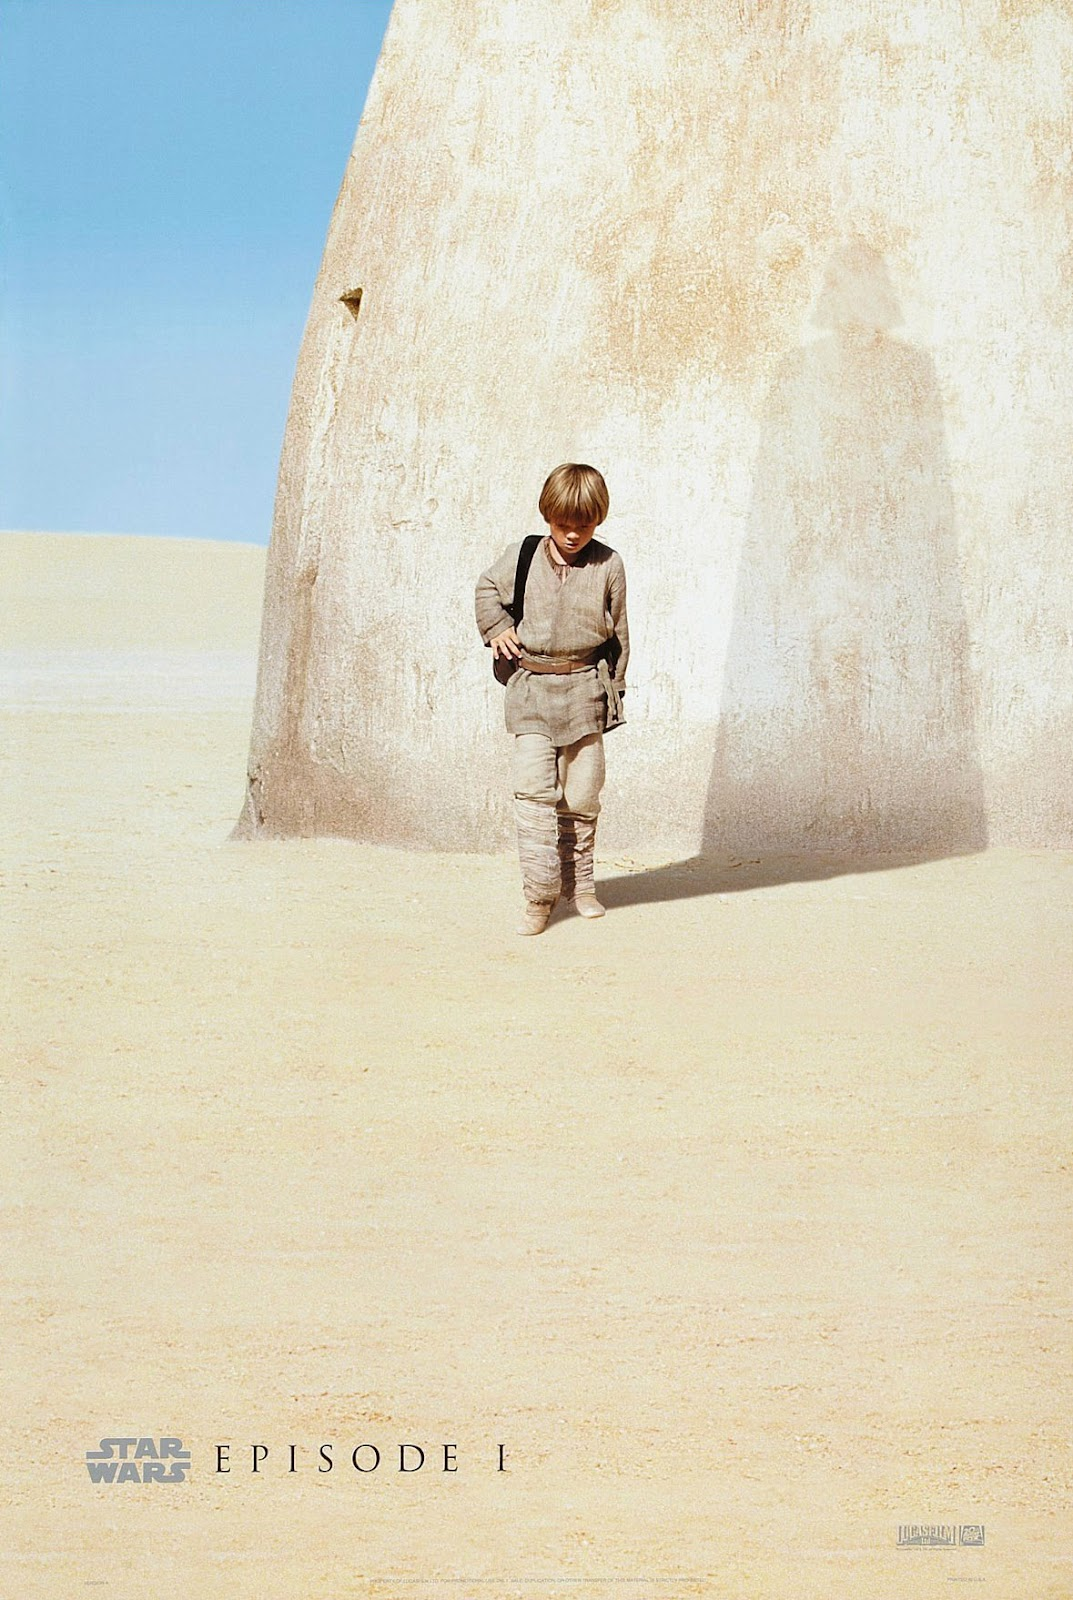 Star Wars 2 Episode 1 1